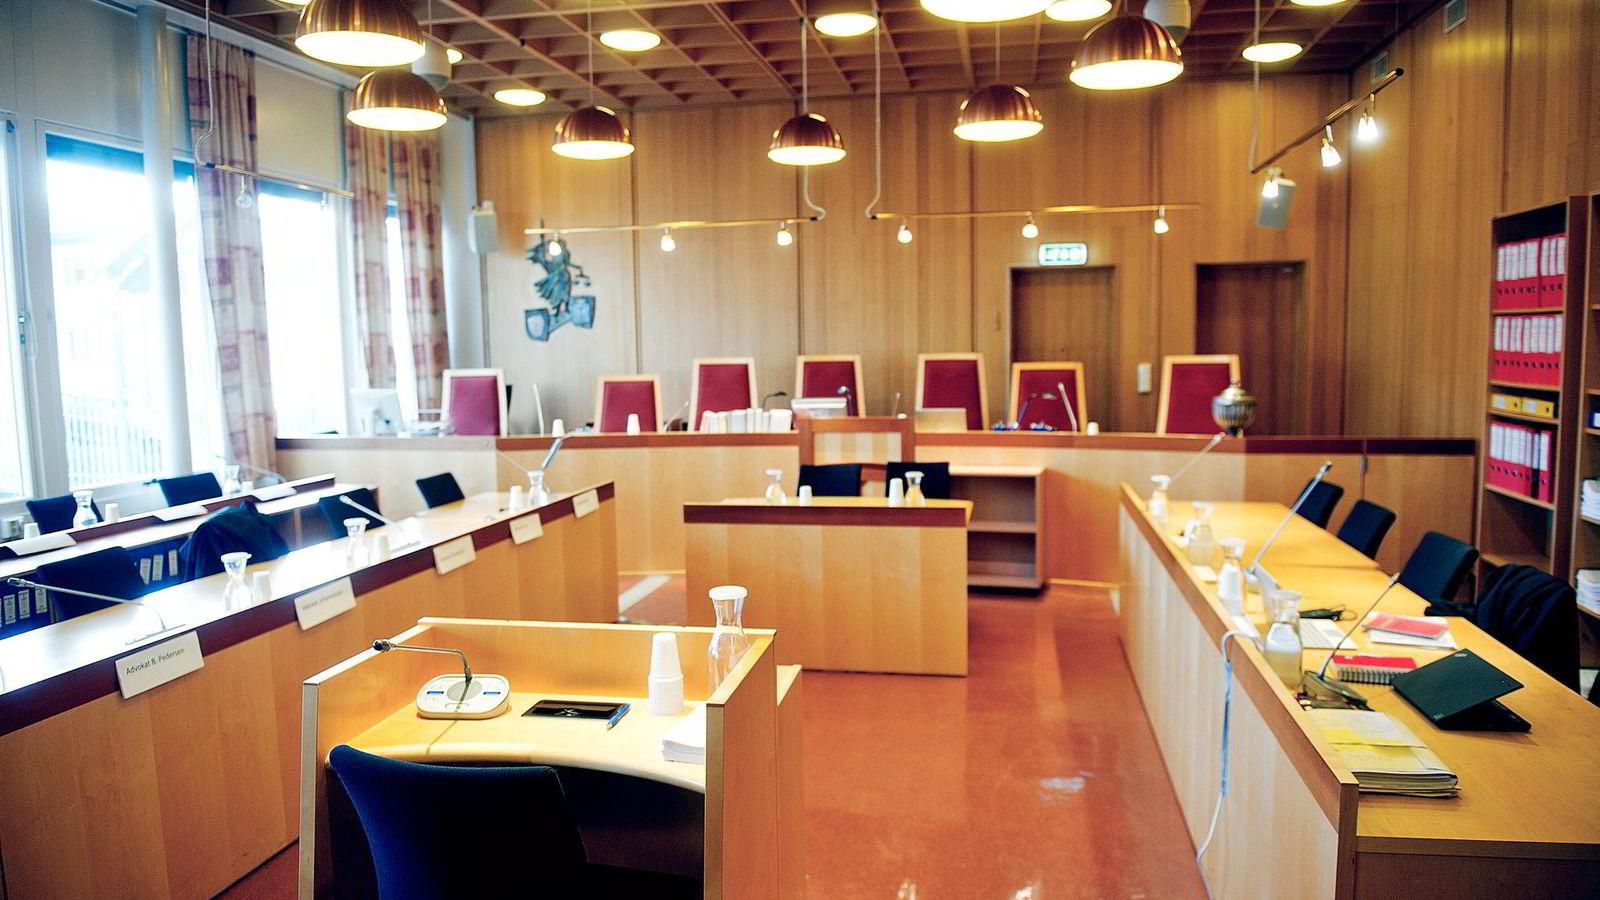 Norske dommere dropper lovpålagt av egne aksjekjøp. Bildet er fra Drammen tingrett. Foto: Jon Olav Nesvold,